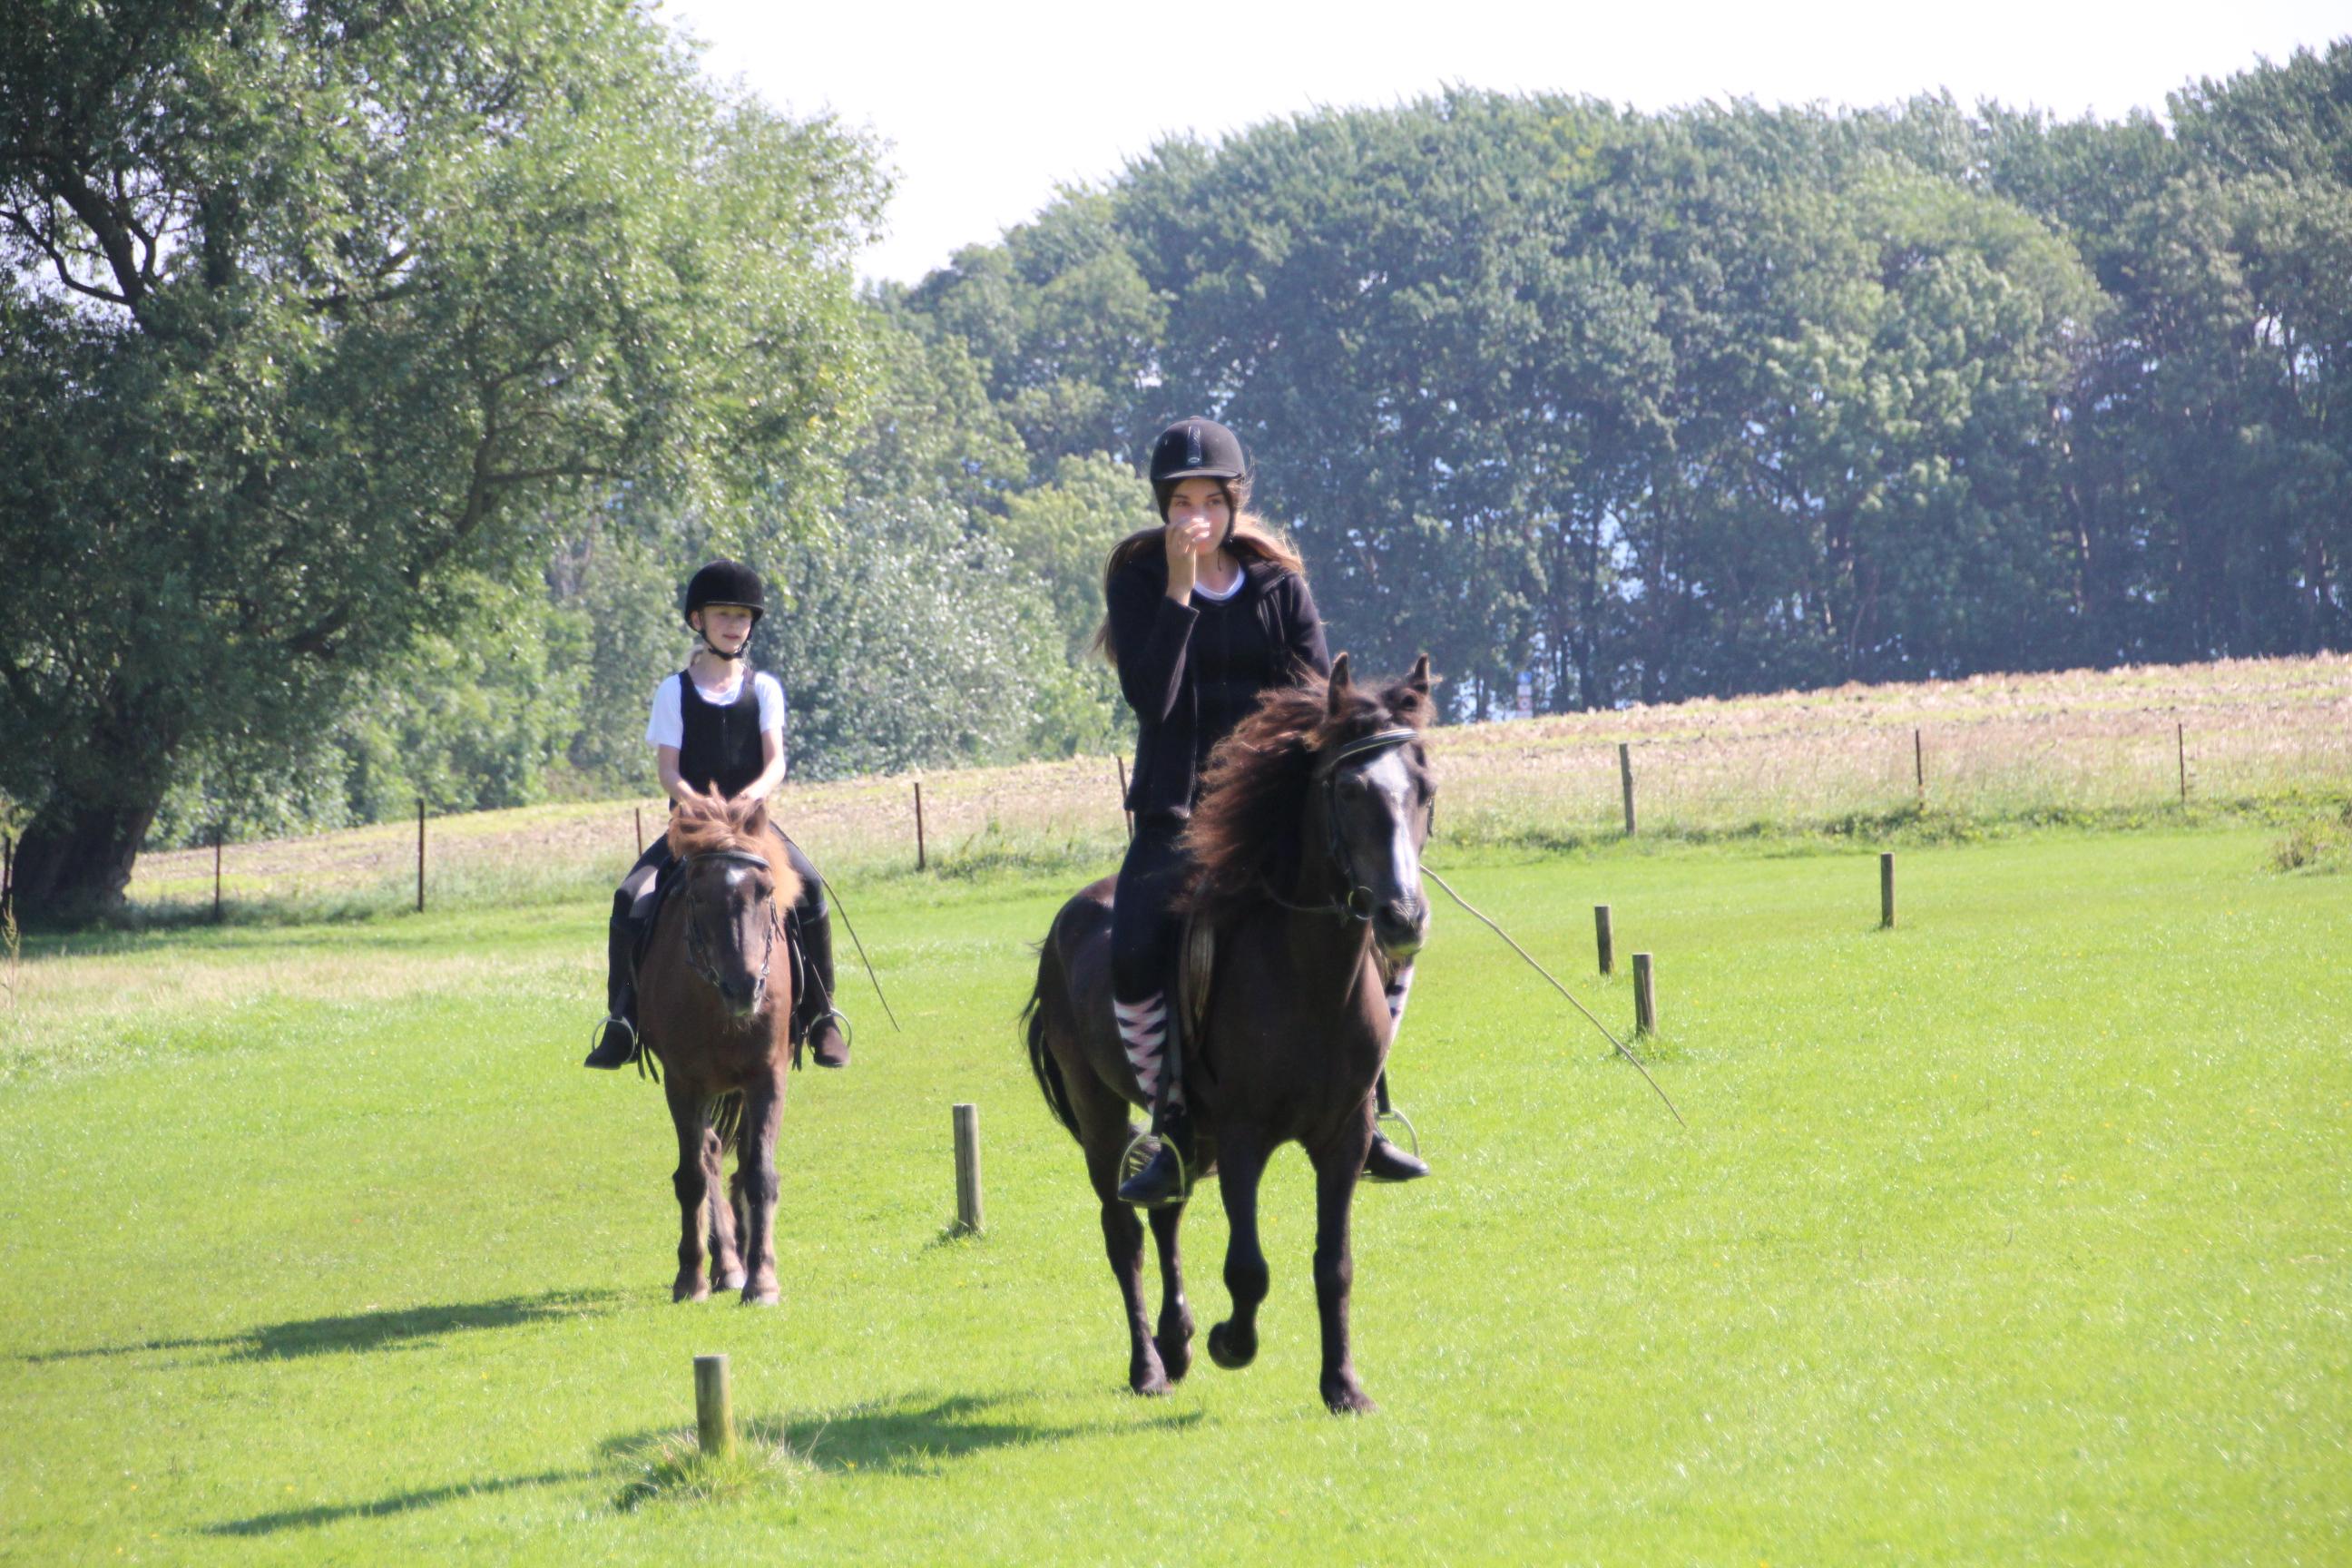 Pferd und Reiter - ein glückliches Doppel.